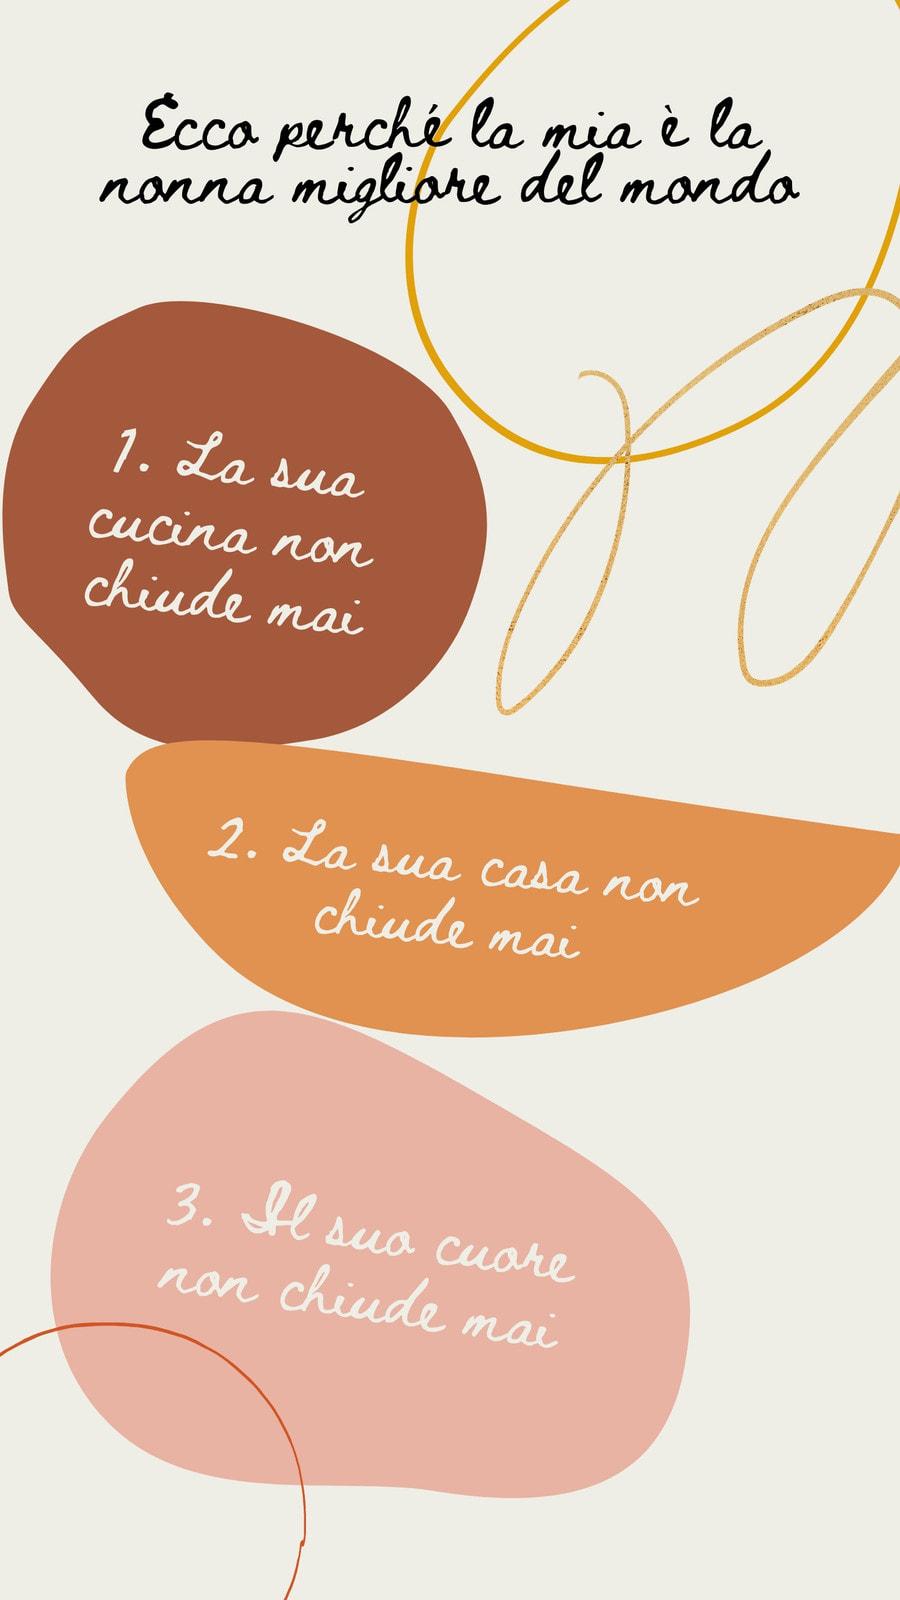 Beige marrone e rosa story per social media festa dei nonni minimalista con decorazioni astratte